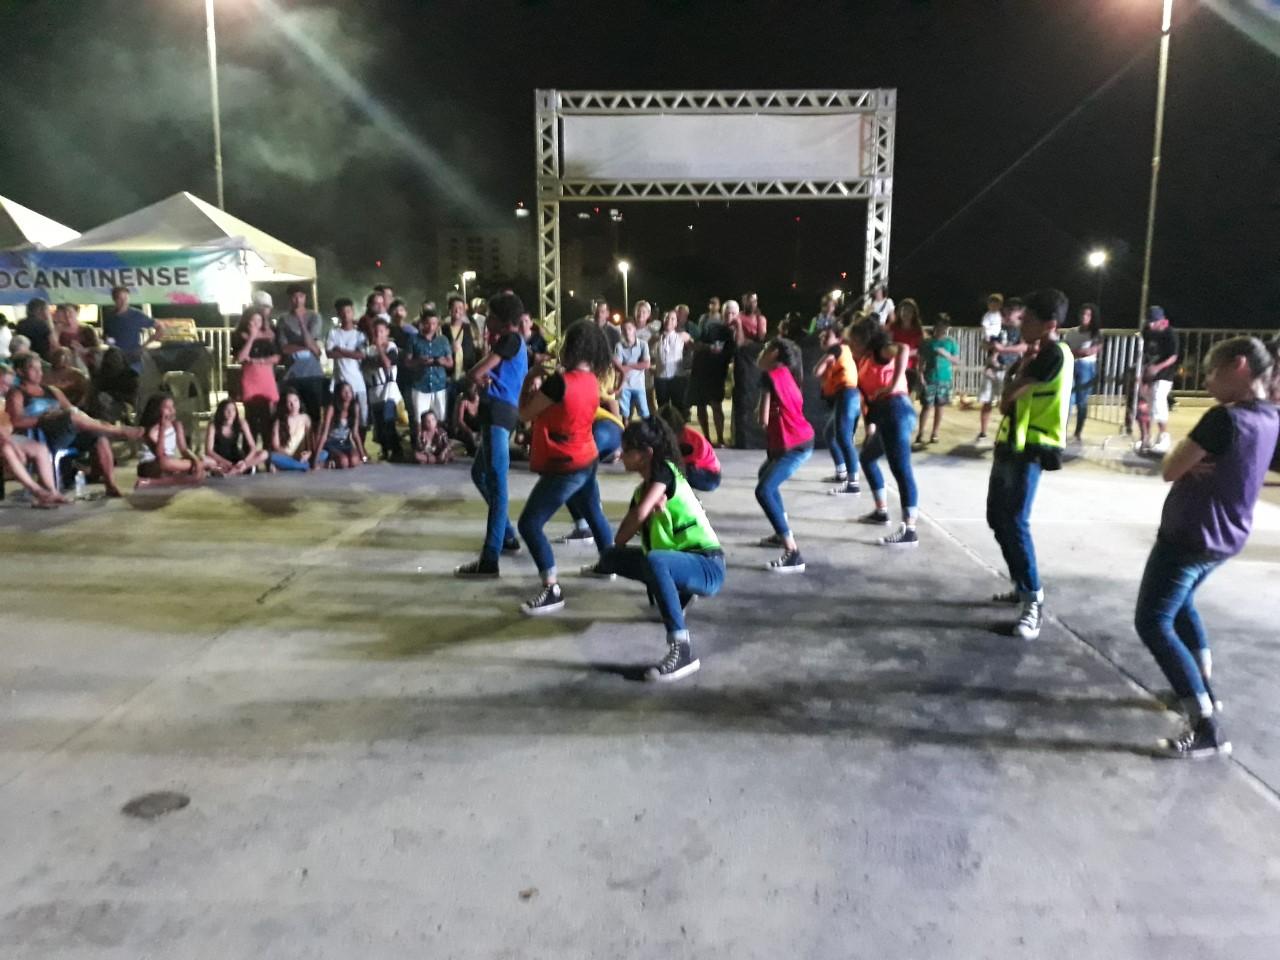 Sexta cultural promove interação, diversão, cultura e oportunidades na Praça dos Girassóis